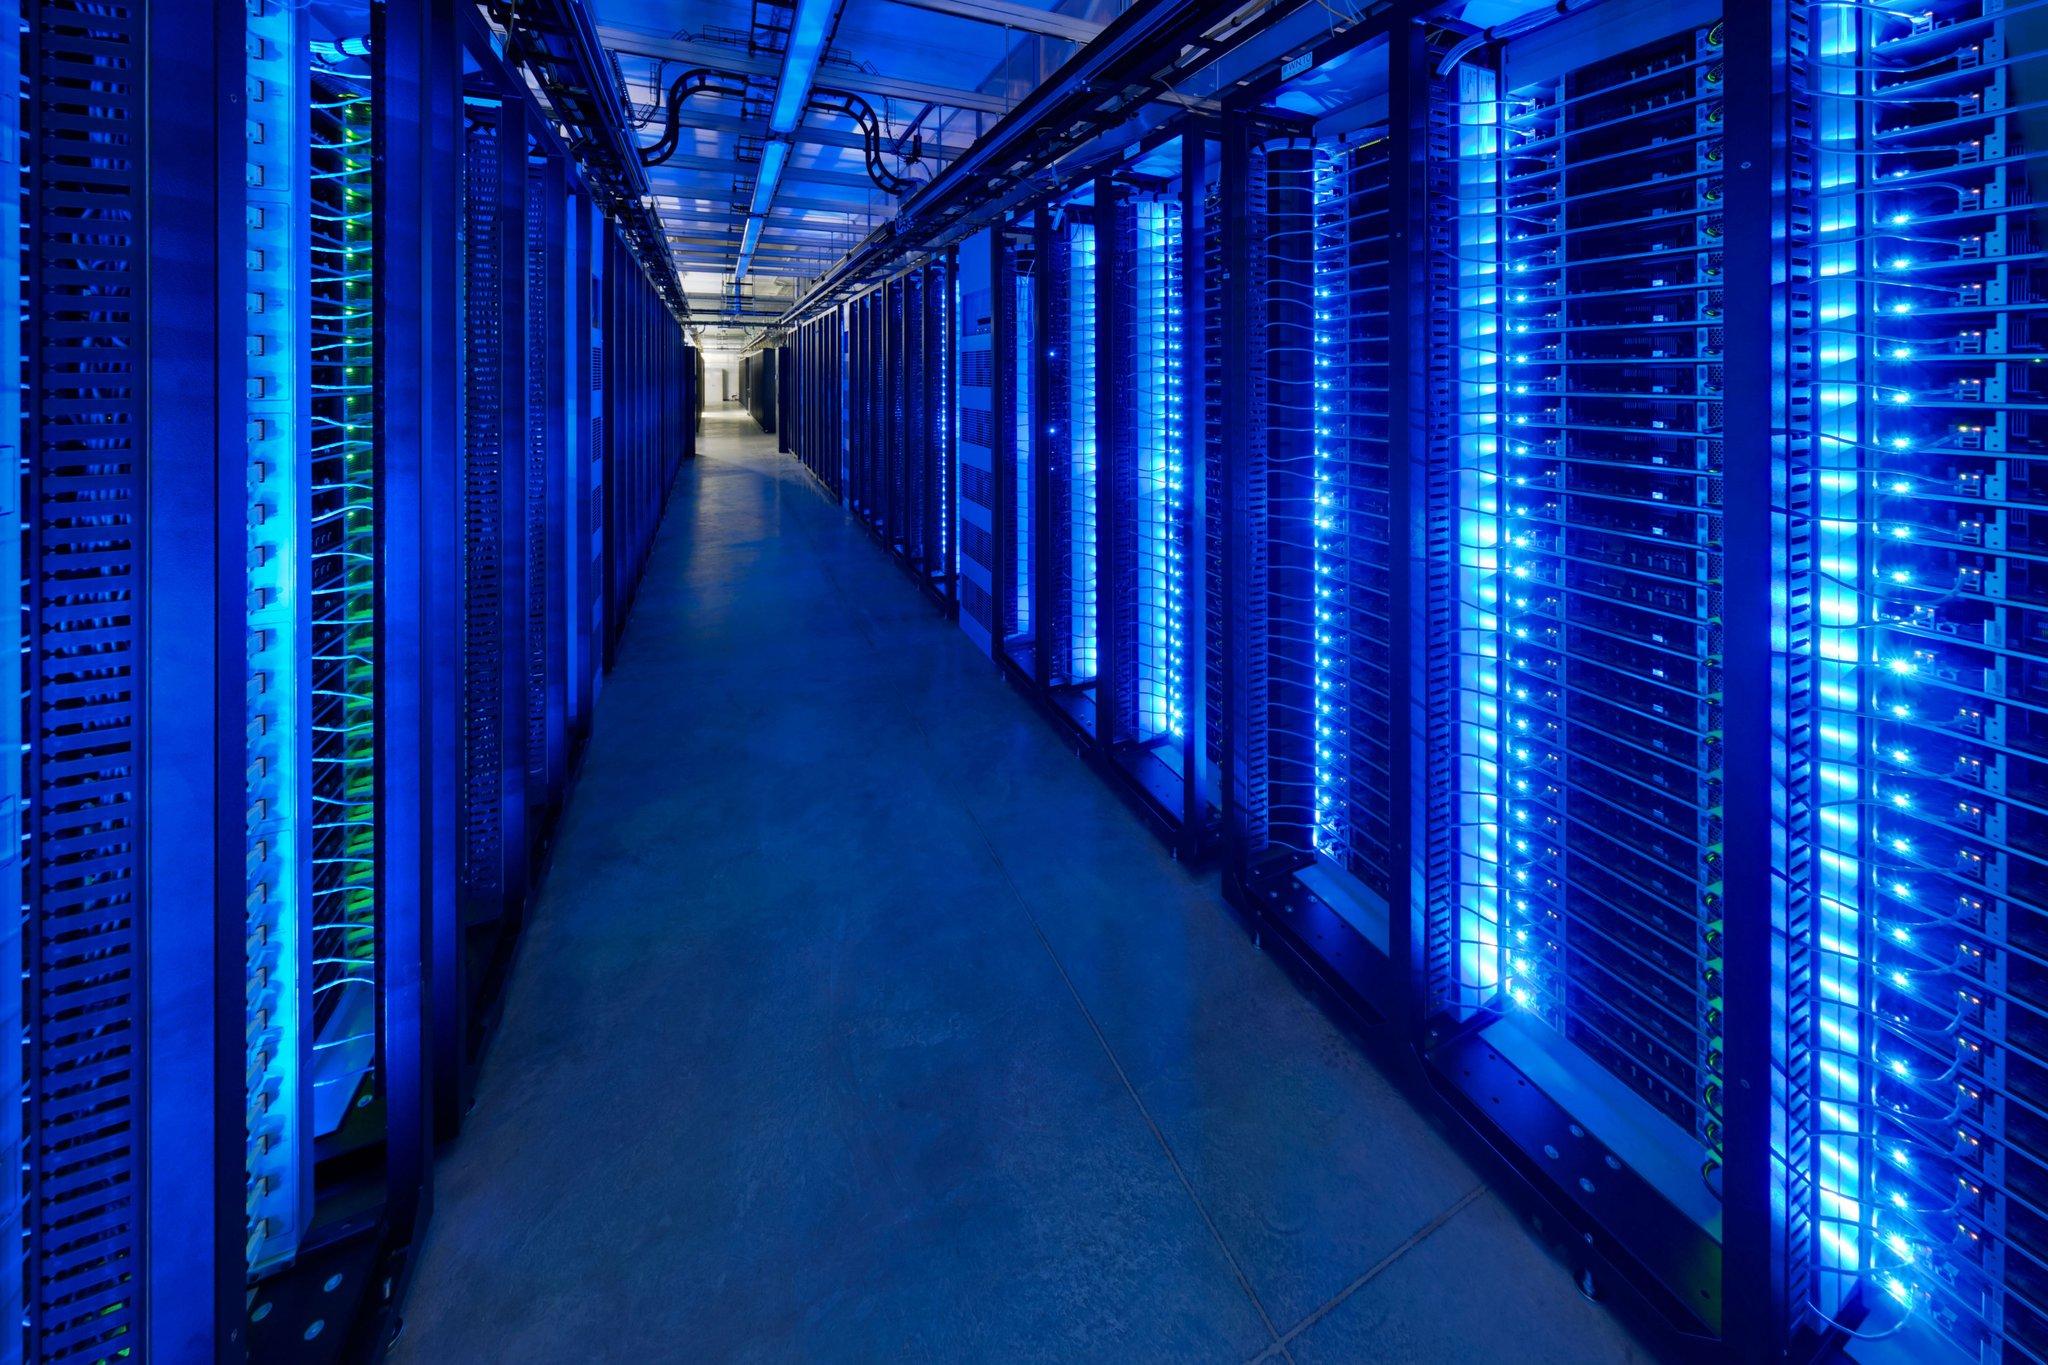 facebook-datacenter-1